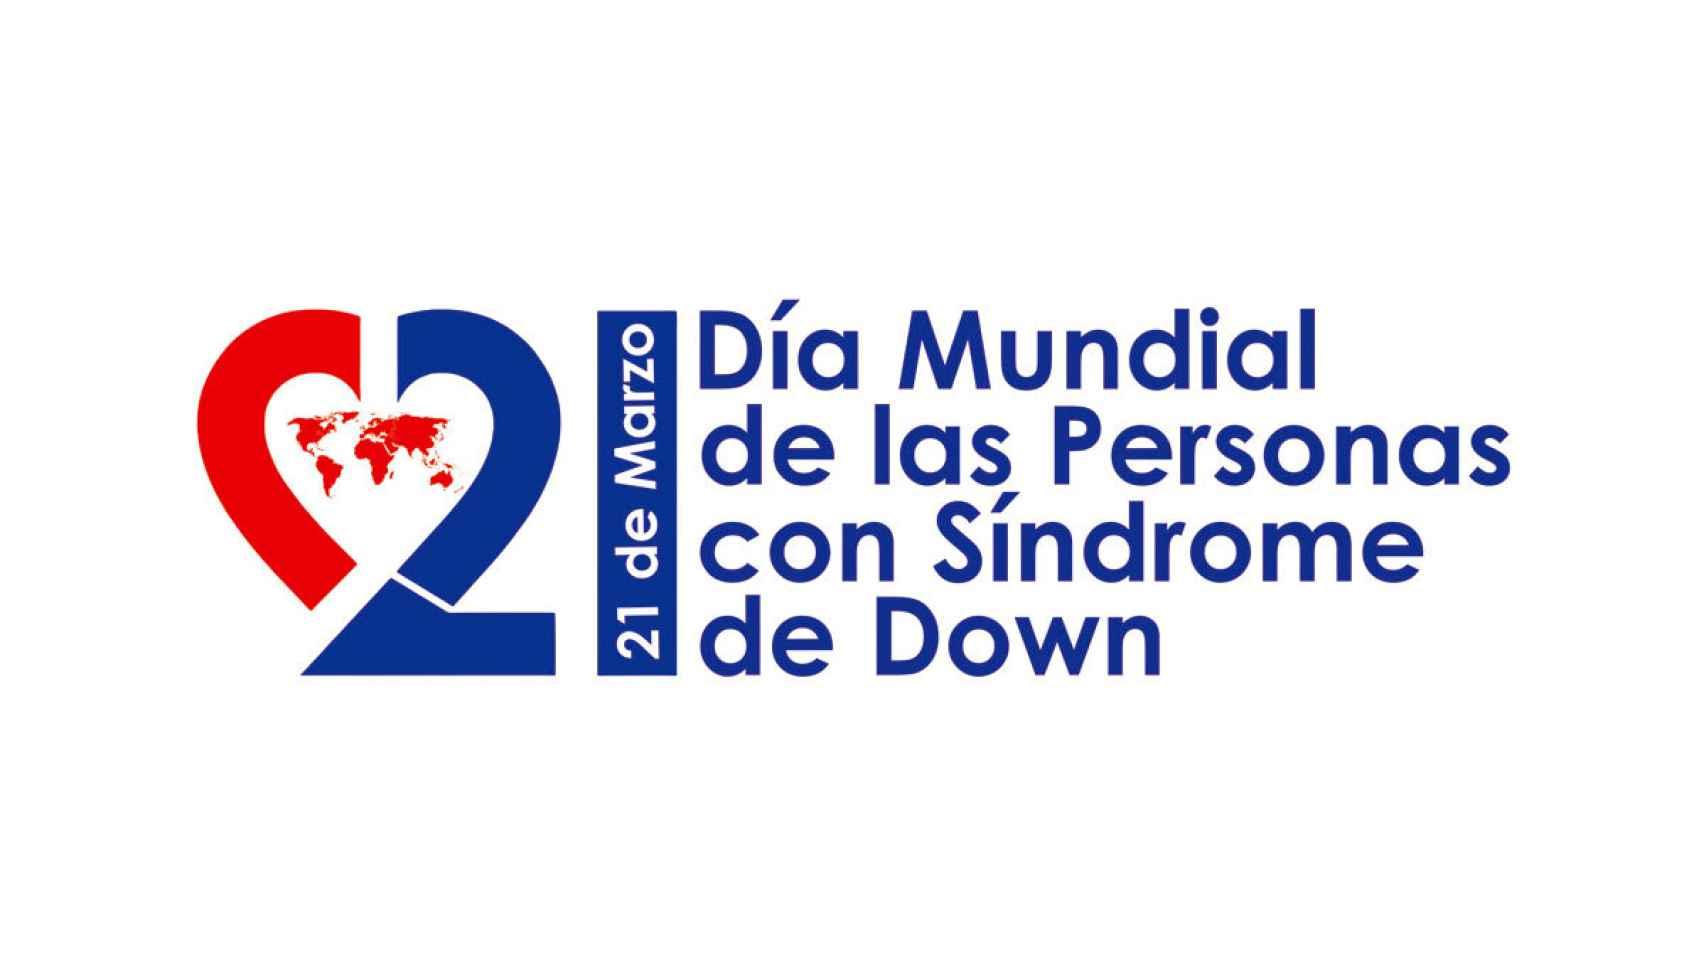 Cómo Surgió El Día Mundial Del Síndrome De Down